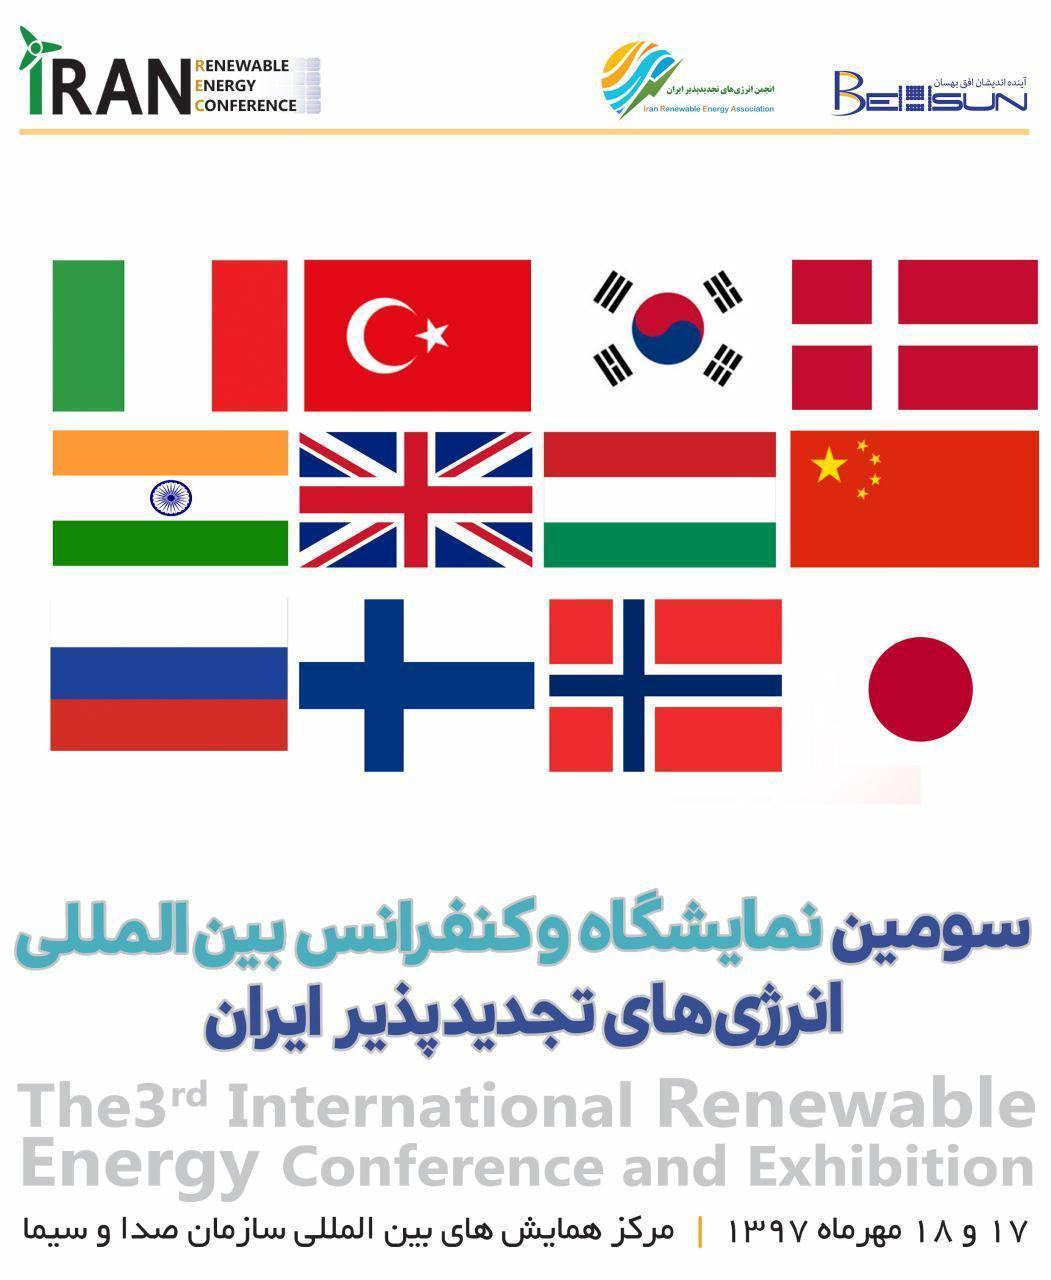 سومین نمایشگاه و کنفرانس بینالمللی انرژیهای تجدیدپذیر ایران